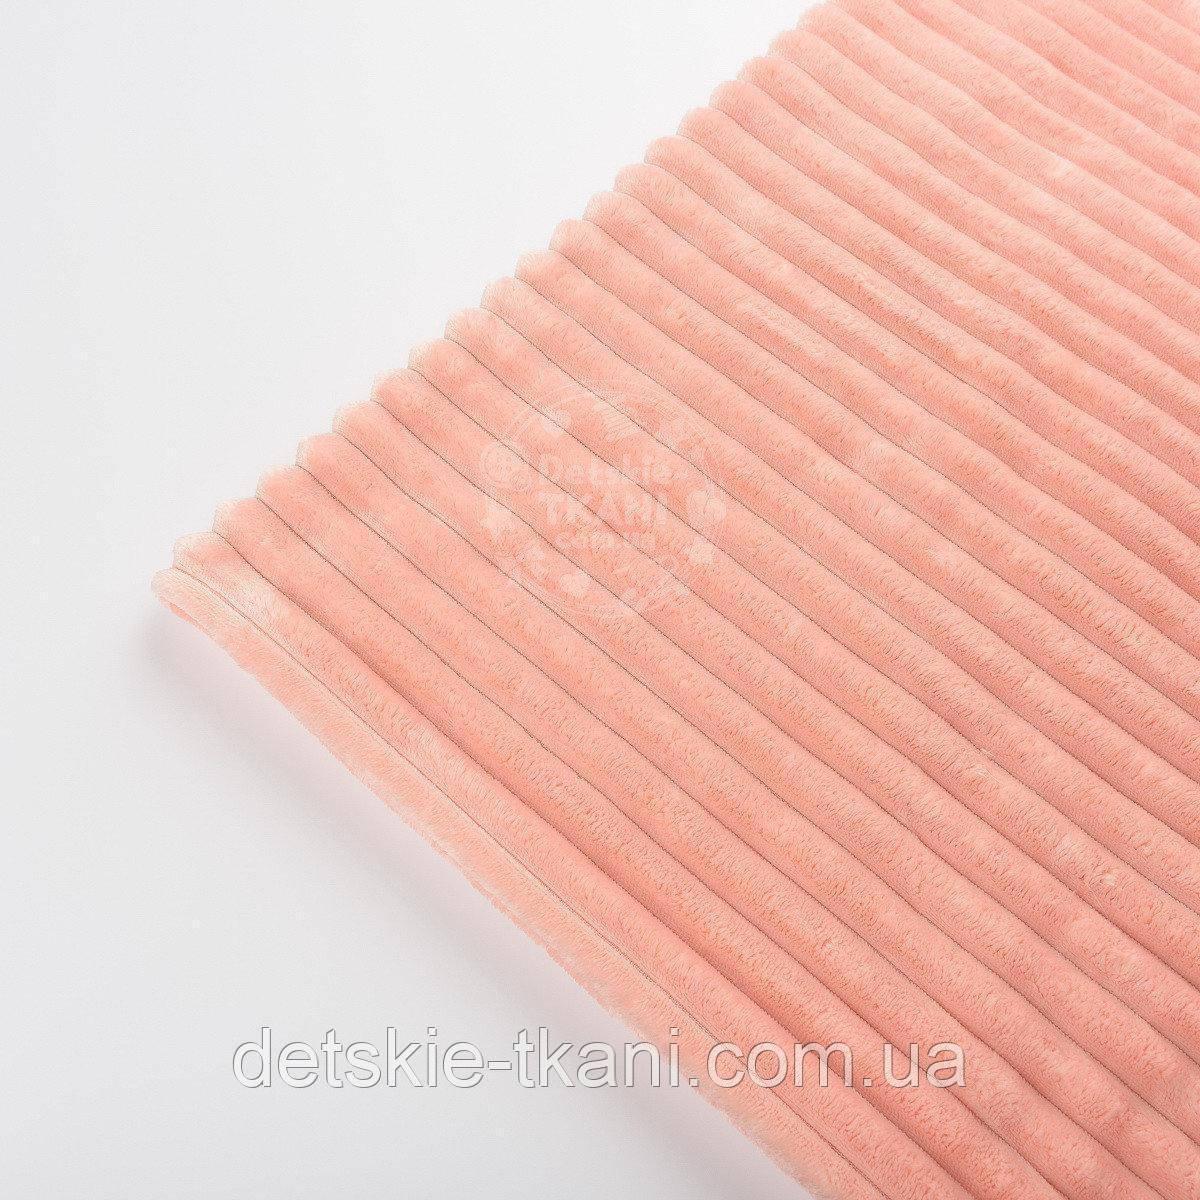 Лоскут плюша в полоску Stripes, цвет персиковый, размер 50*160 см